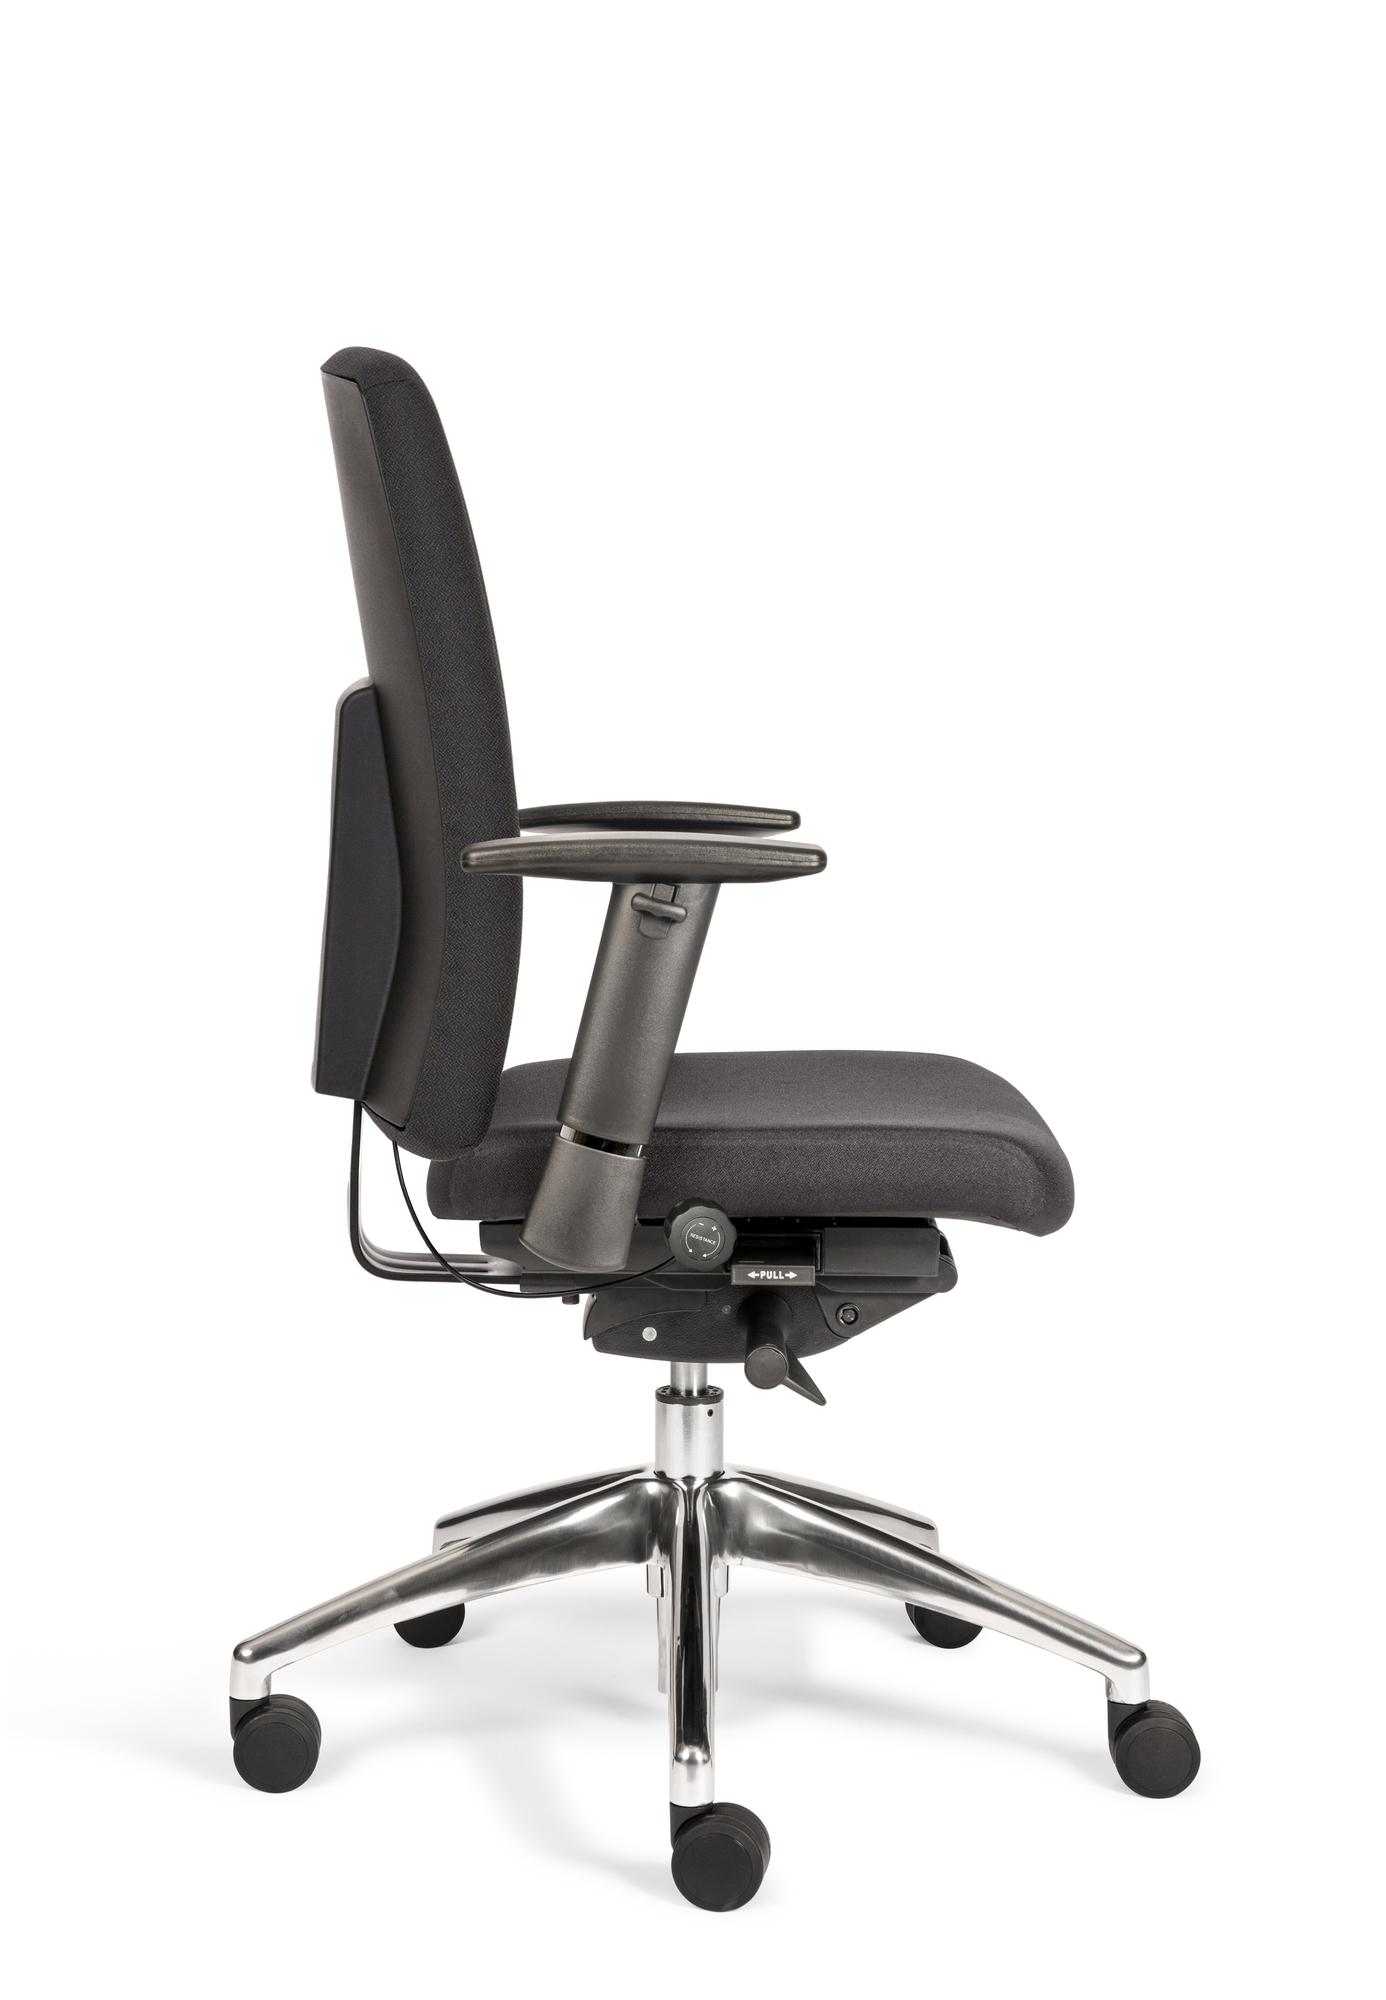 Bureaustoel Egner Pro S zwart gestoff. NEN-EN1335